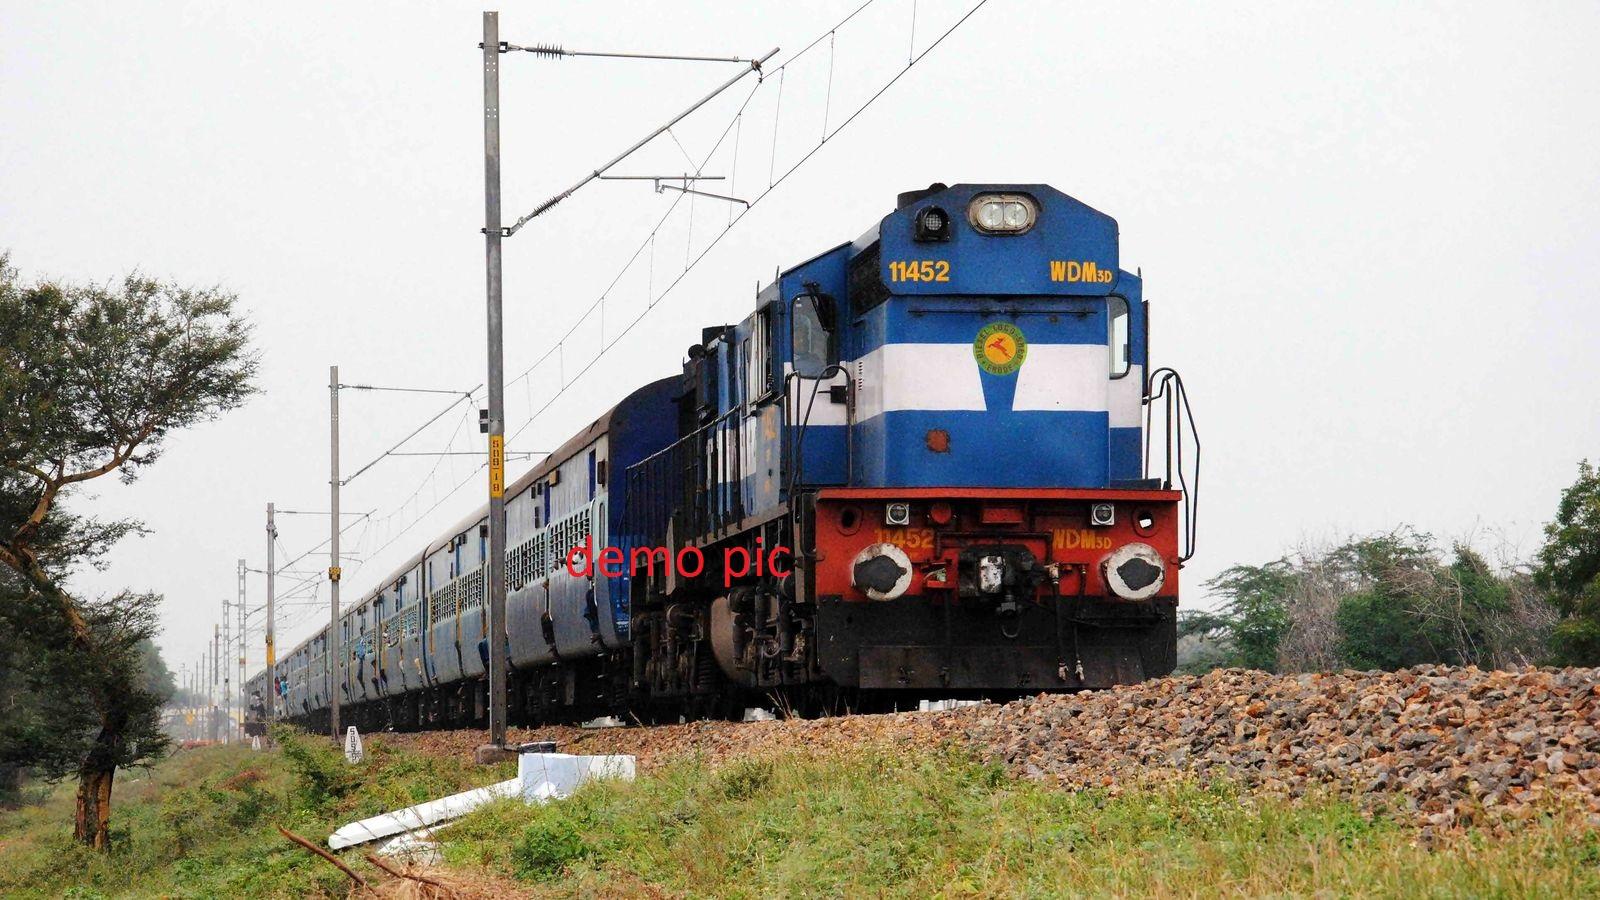 अजमेर, उदयपुर का अभी तक ट्रेन से सीधा जुड़ाव नहीं, सीधी ट्रेन नहीं होने से लोगों को हो रही परेशानी